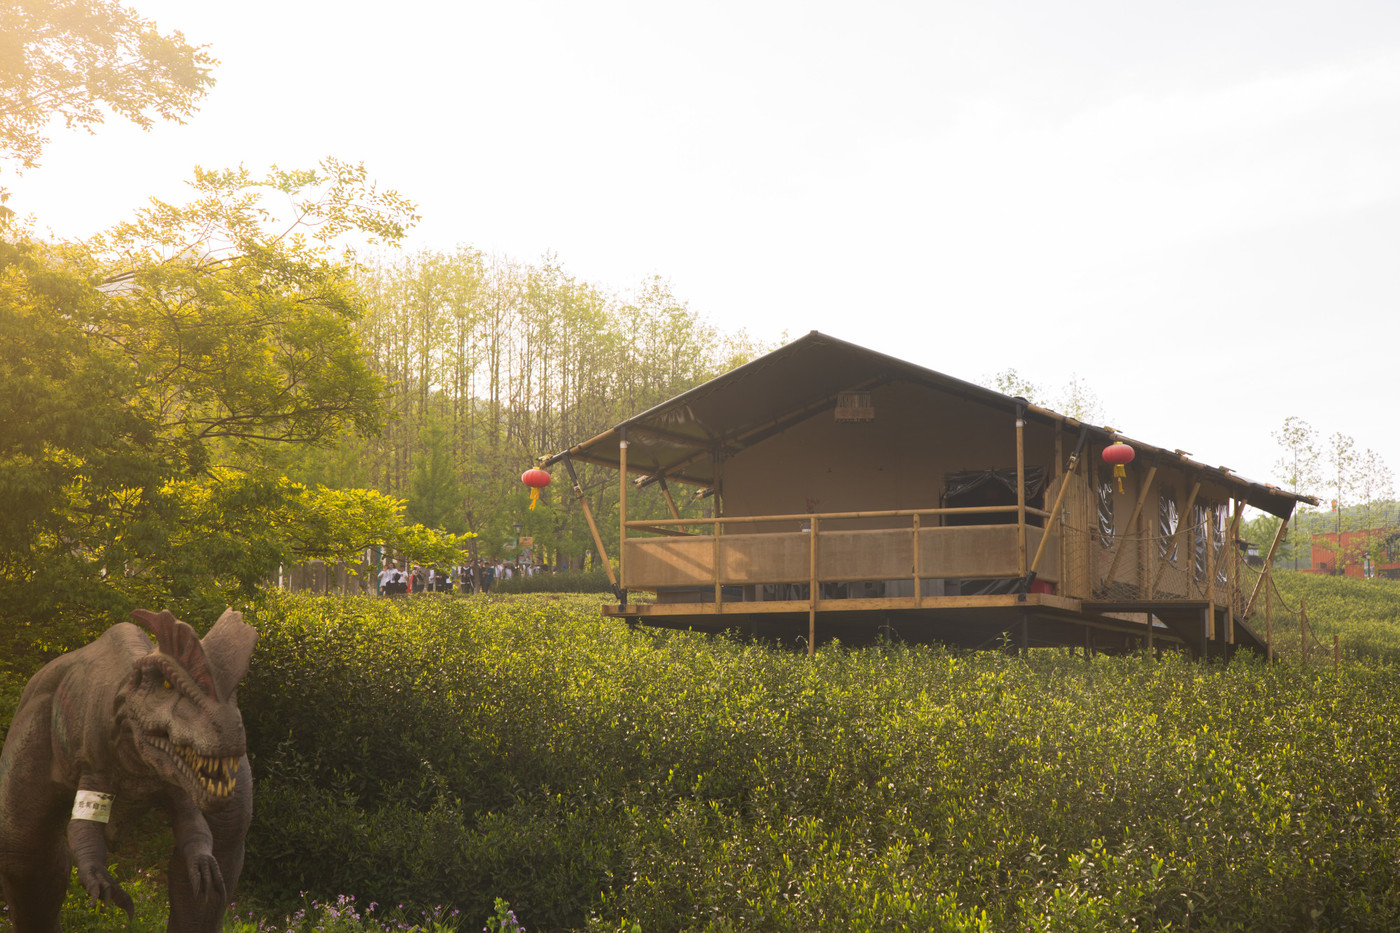 喜马拉雅野奢帐篷酒店—江苏常州茅山宝盛园2期茶田帐篷酒店11